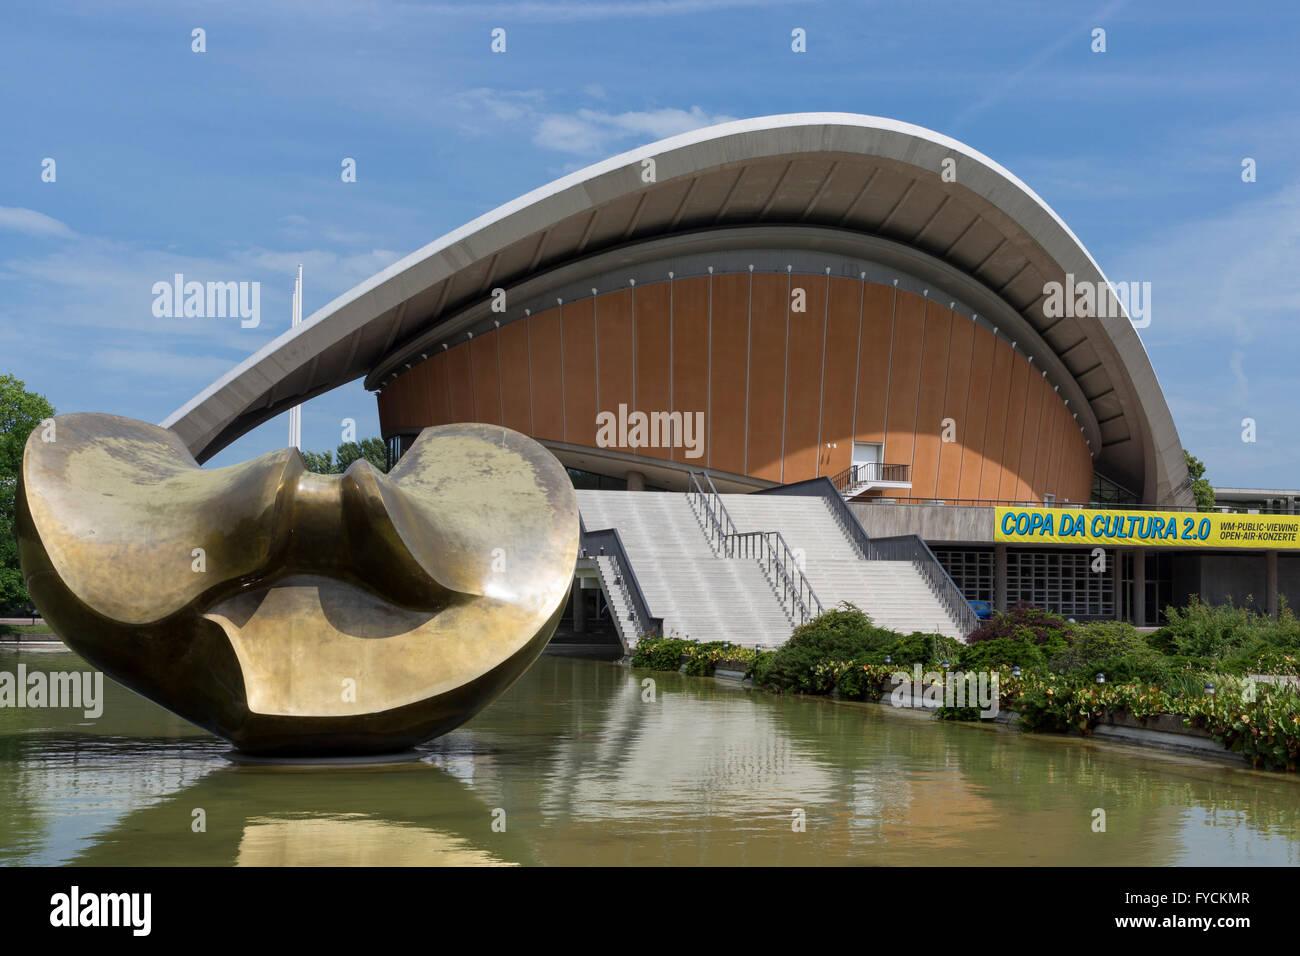 Haus der Kulturen der Welt, Berlin, Germany - Stock Image